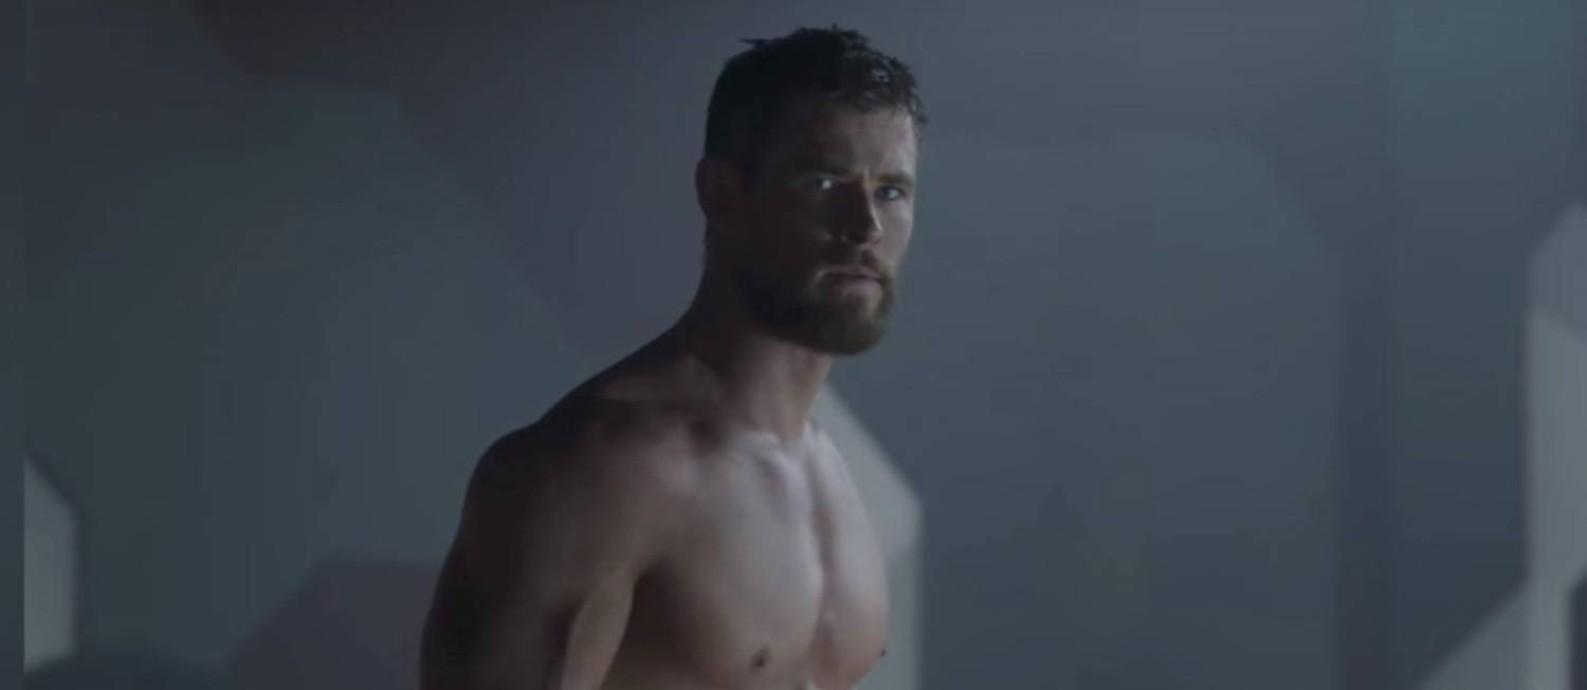 'Thor' shirtless Foto: Divulgação